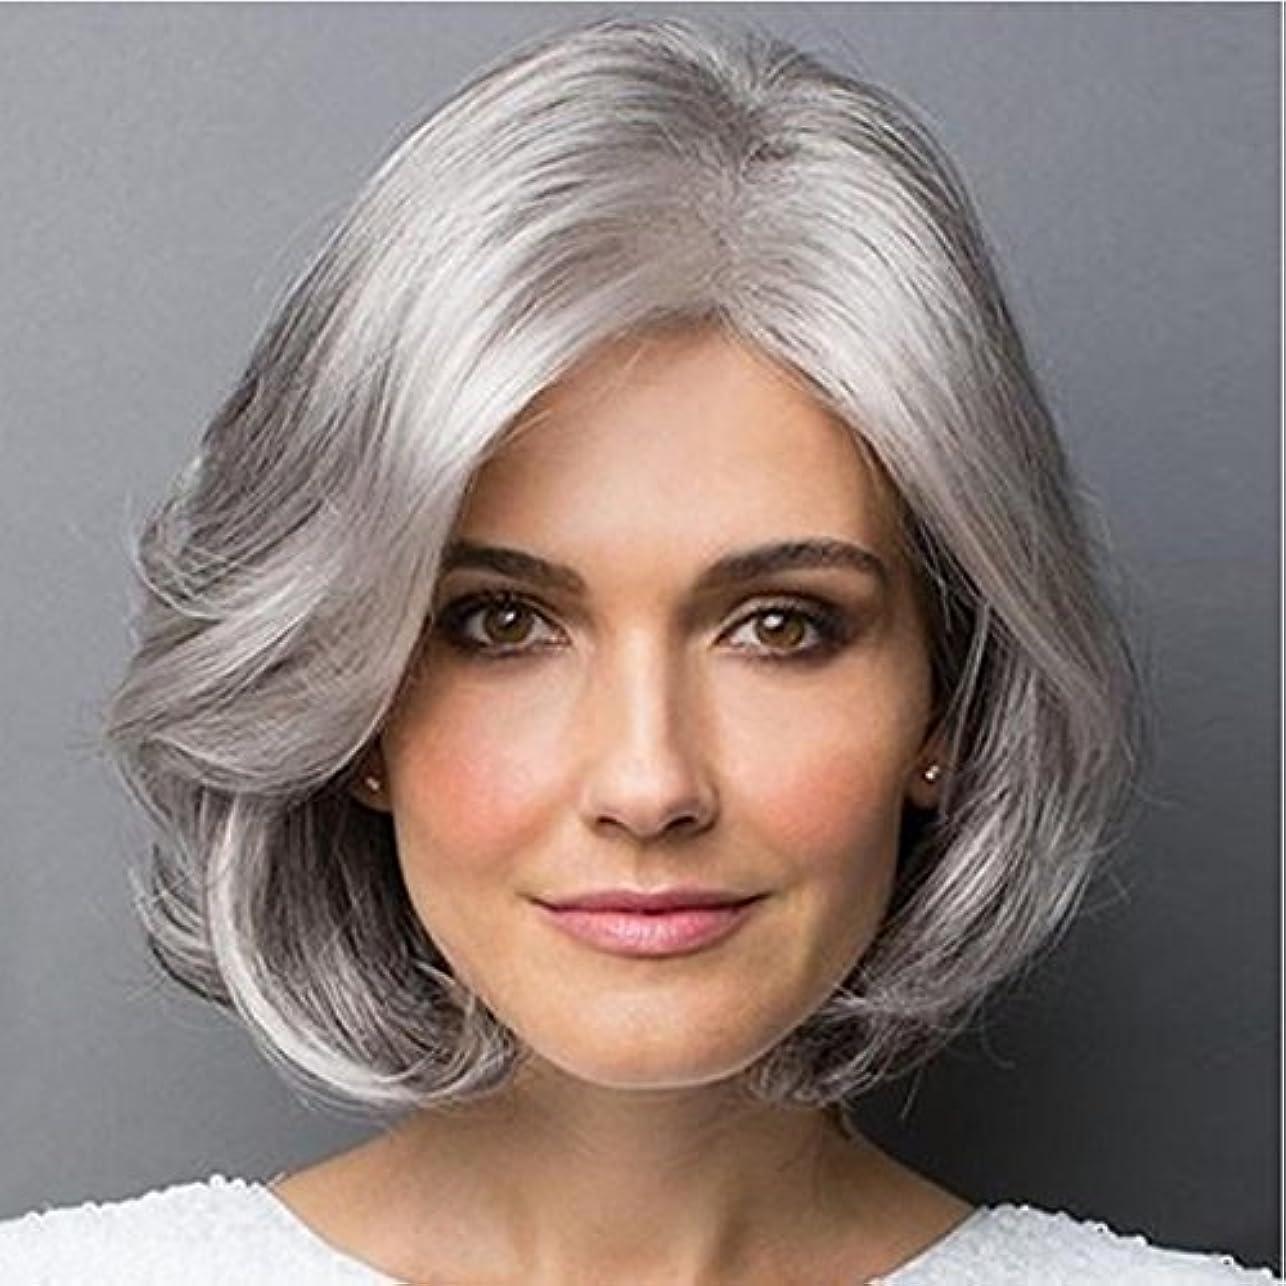 傷つける友だちまばたきYOUQIU 斜め前髪マイクロボリュームかつら耐熱ファイバー20センチメートル/ 30センチメートル(シルバーグレー、グラデーションシルバーグレー)かつらと女性のショートヘアのための合成カーリーヘアウィッグ (色 : Silver...